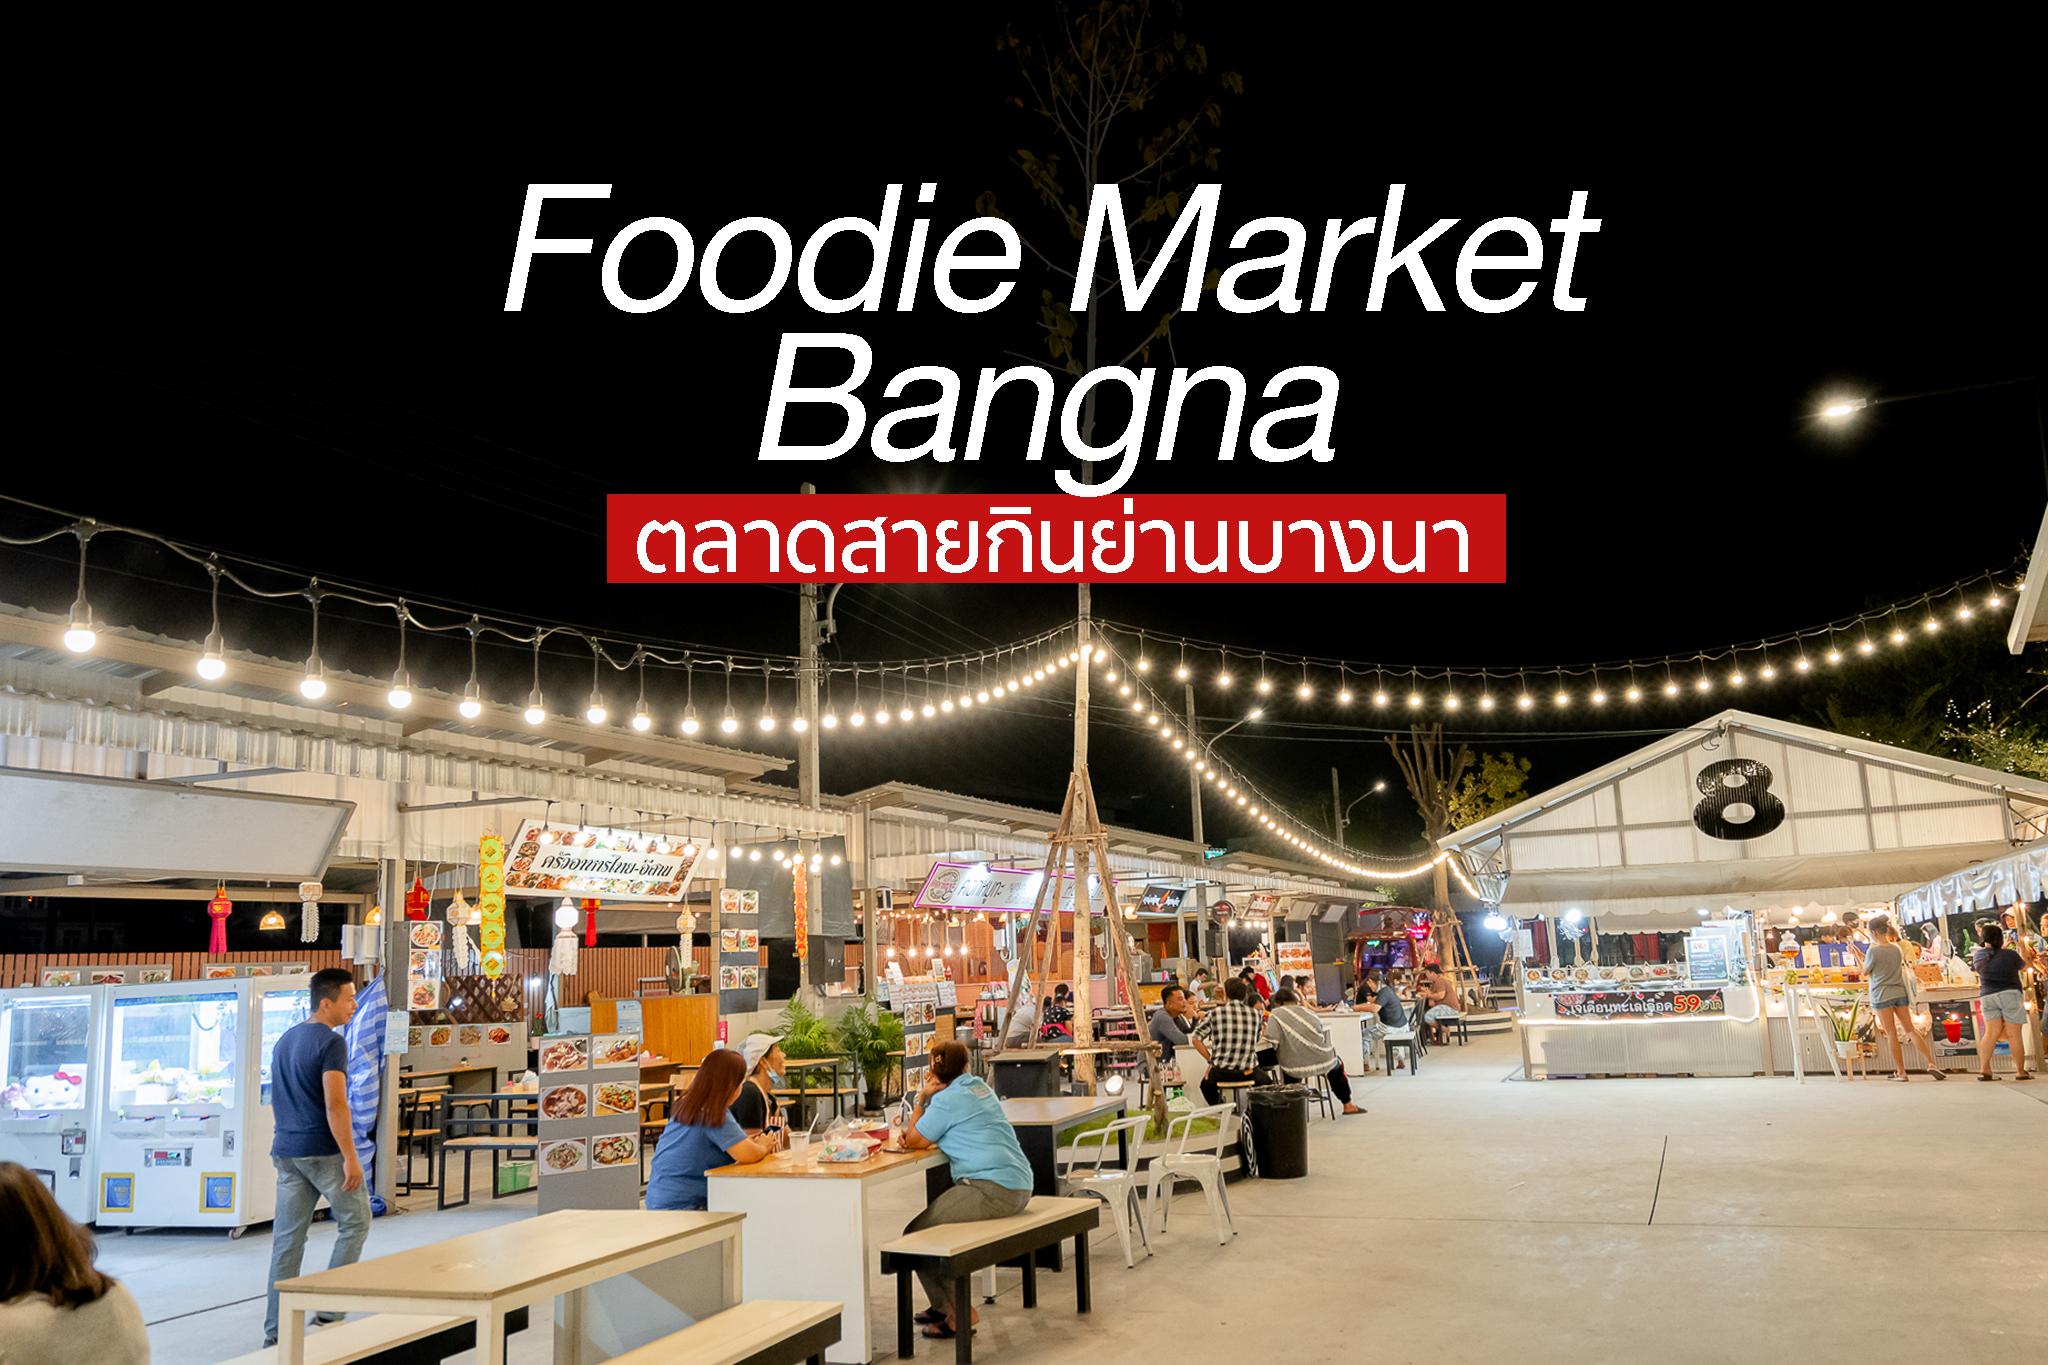 """10 ร้านเด็ดอร่อยลั่น """"Foodie Market Bangna"""" พิกัดรวมของอร่อยย่านบางนา"""